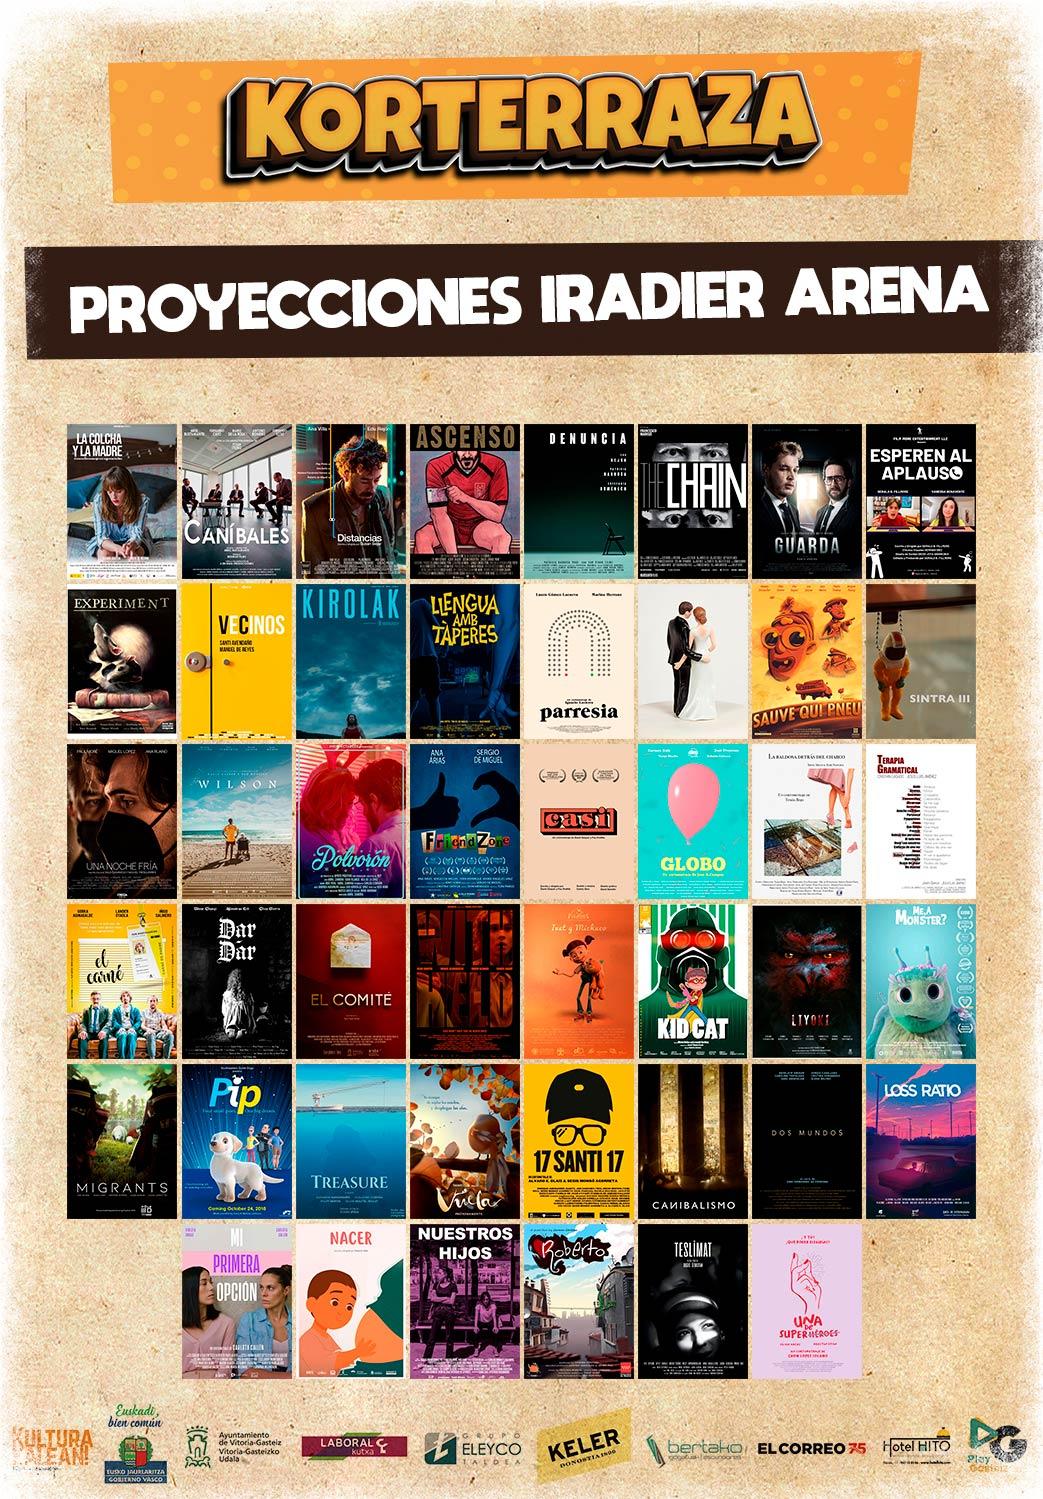 Proyecciones Korterraza 2021 en el Iradier Arena